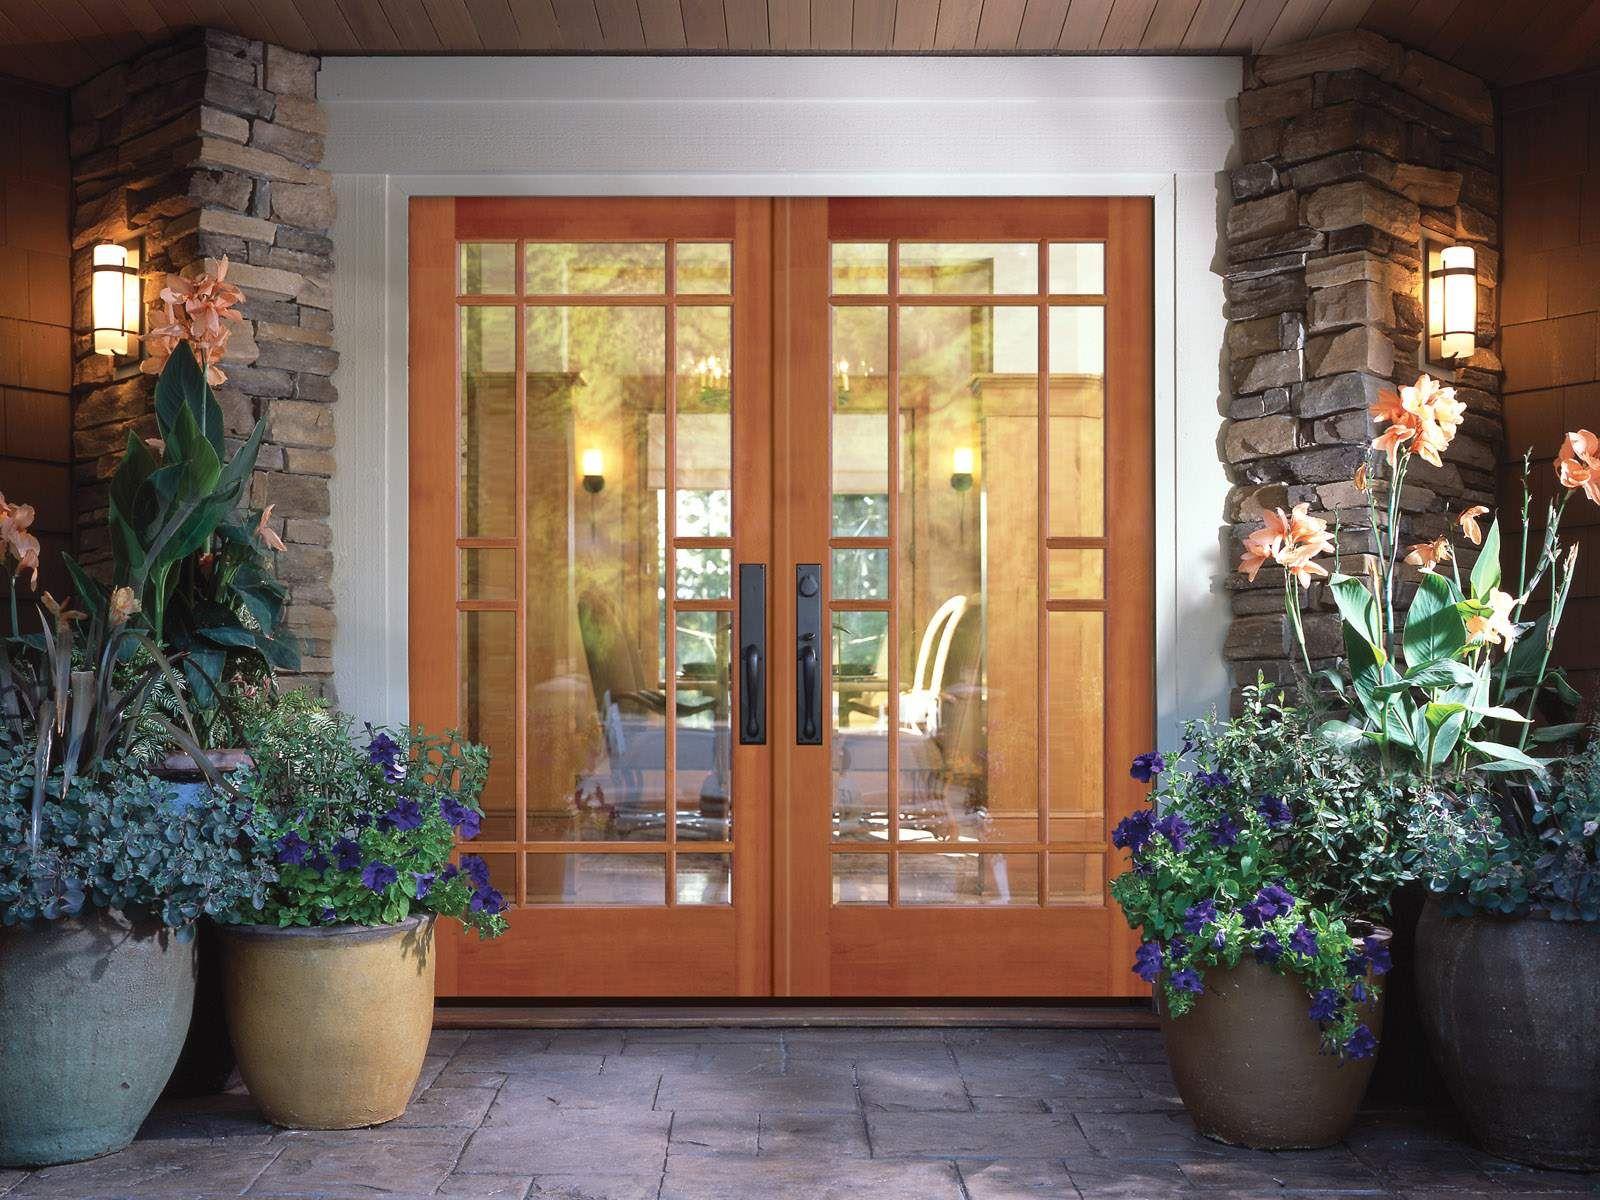 Door Design Ideas furniture luxurious wooden front door with big wall around amazing front doors design ideas for your elegant house Beautiful Door Interior Design Ideas With Pictures71 Beautiful Door